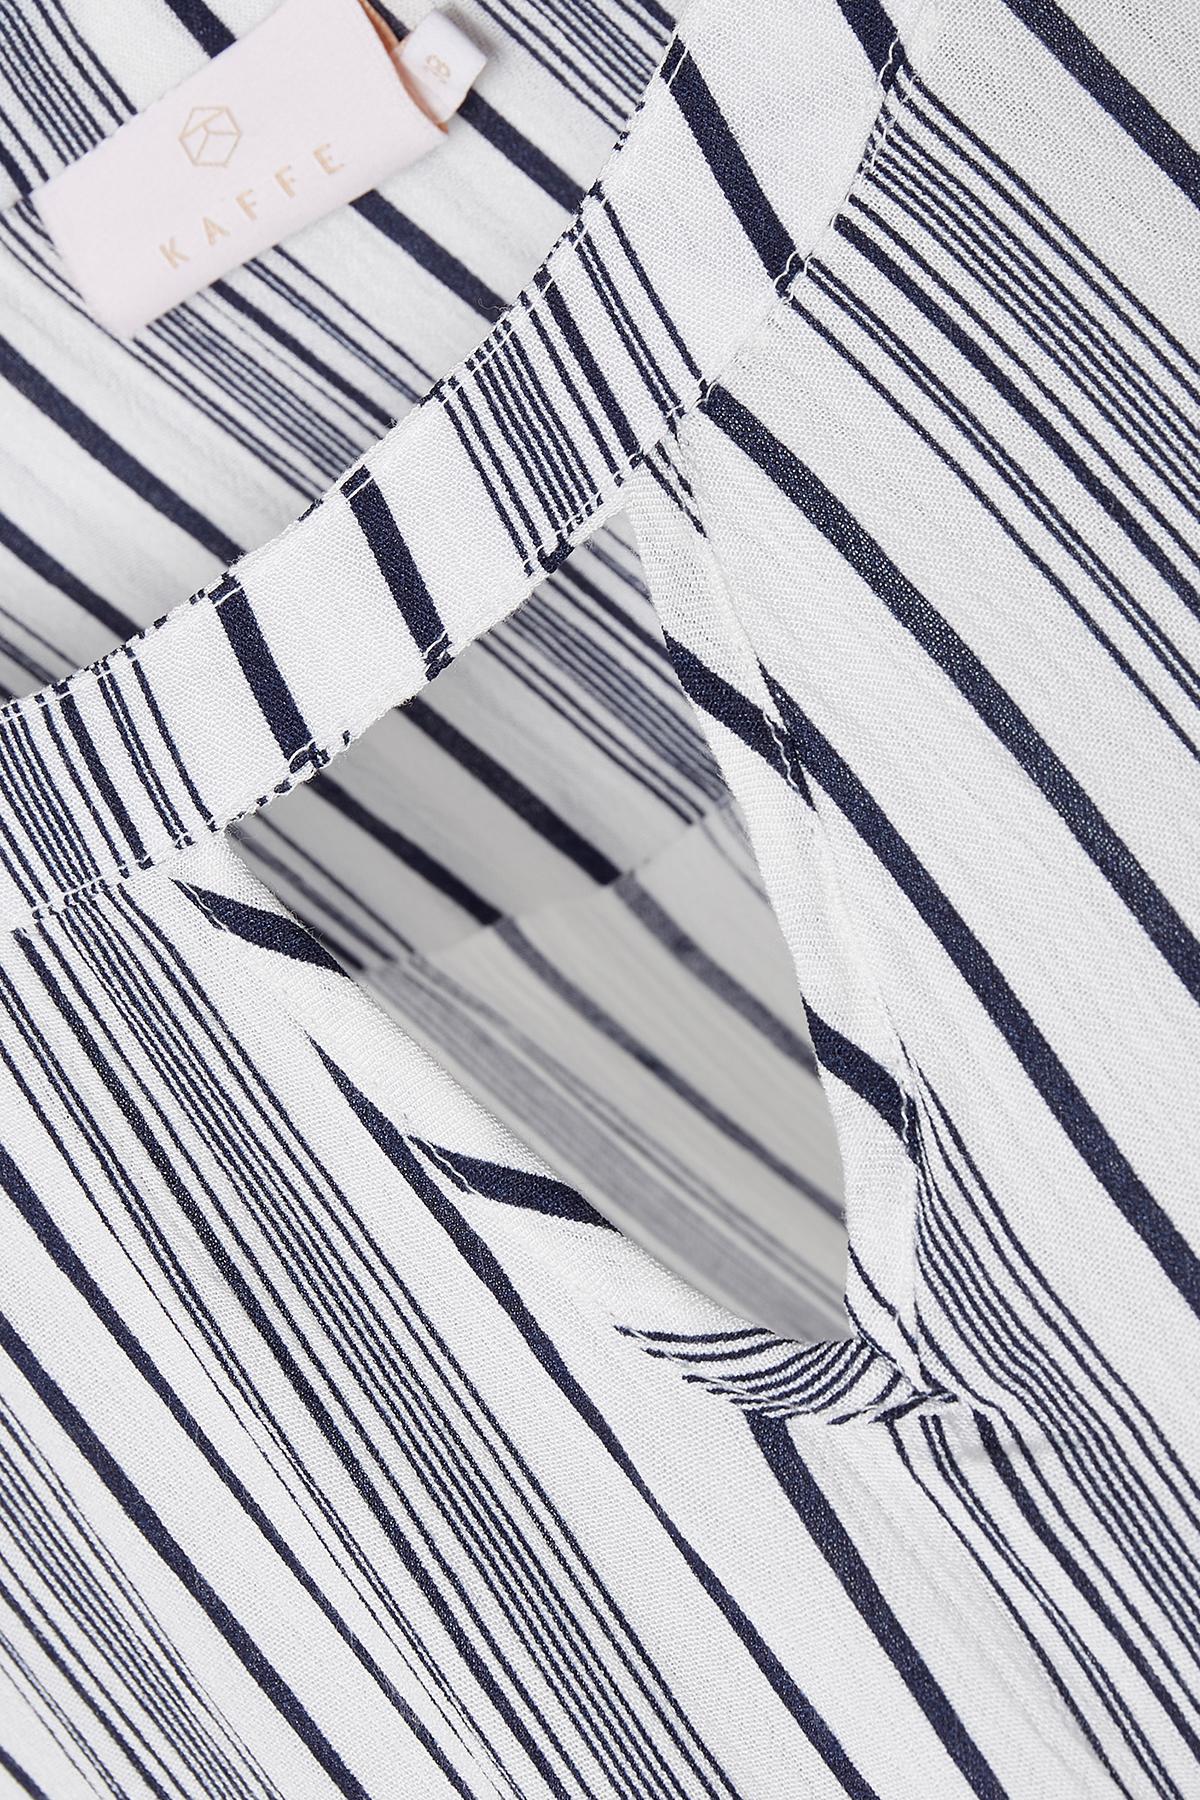 Off-white/marineblauw Blouse met lange mouwen van Kaffe – Door Off-white/marineblauw Blouse met lange mouwen van maat. 34-46 hier